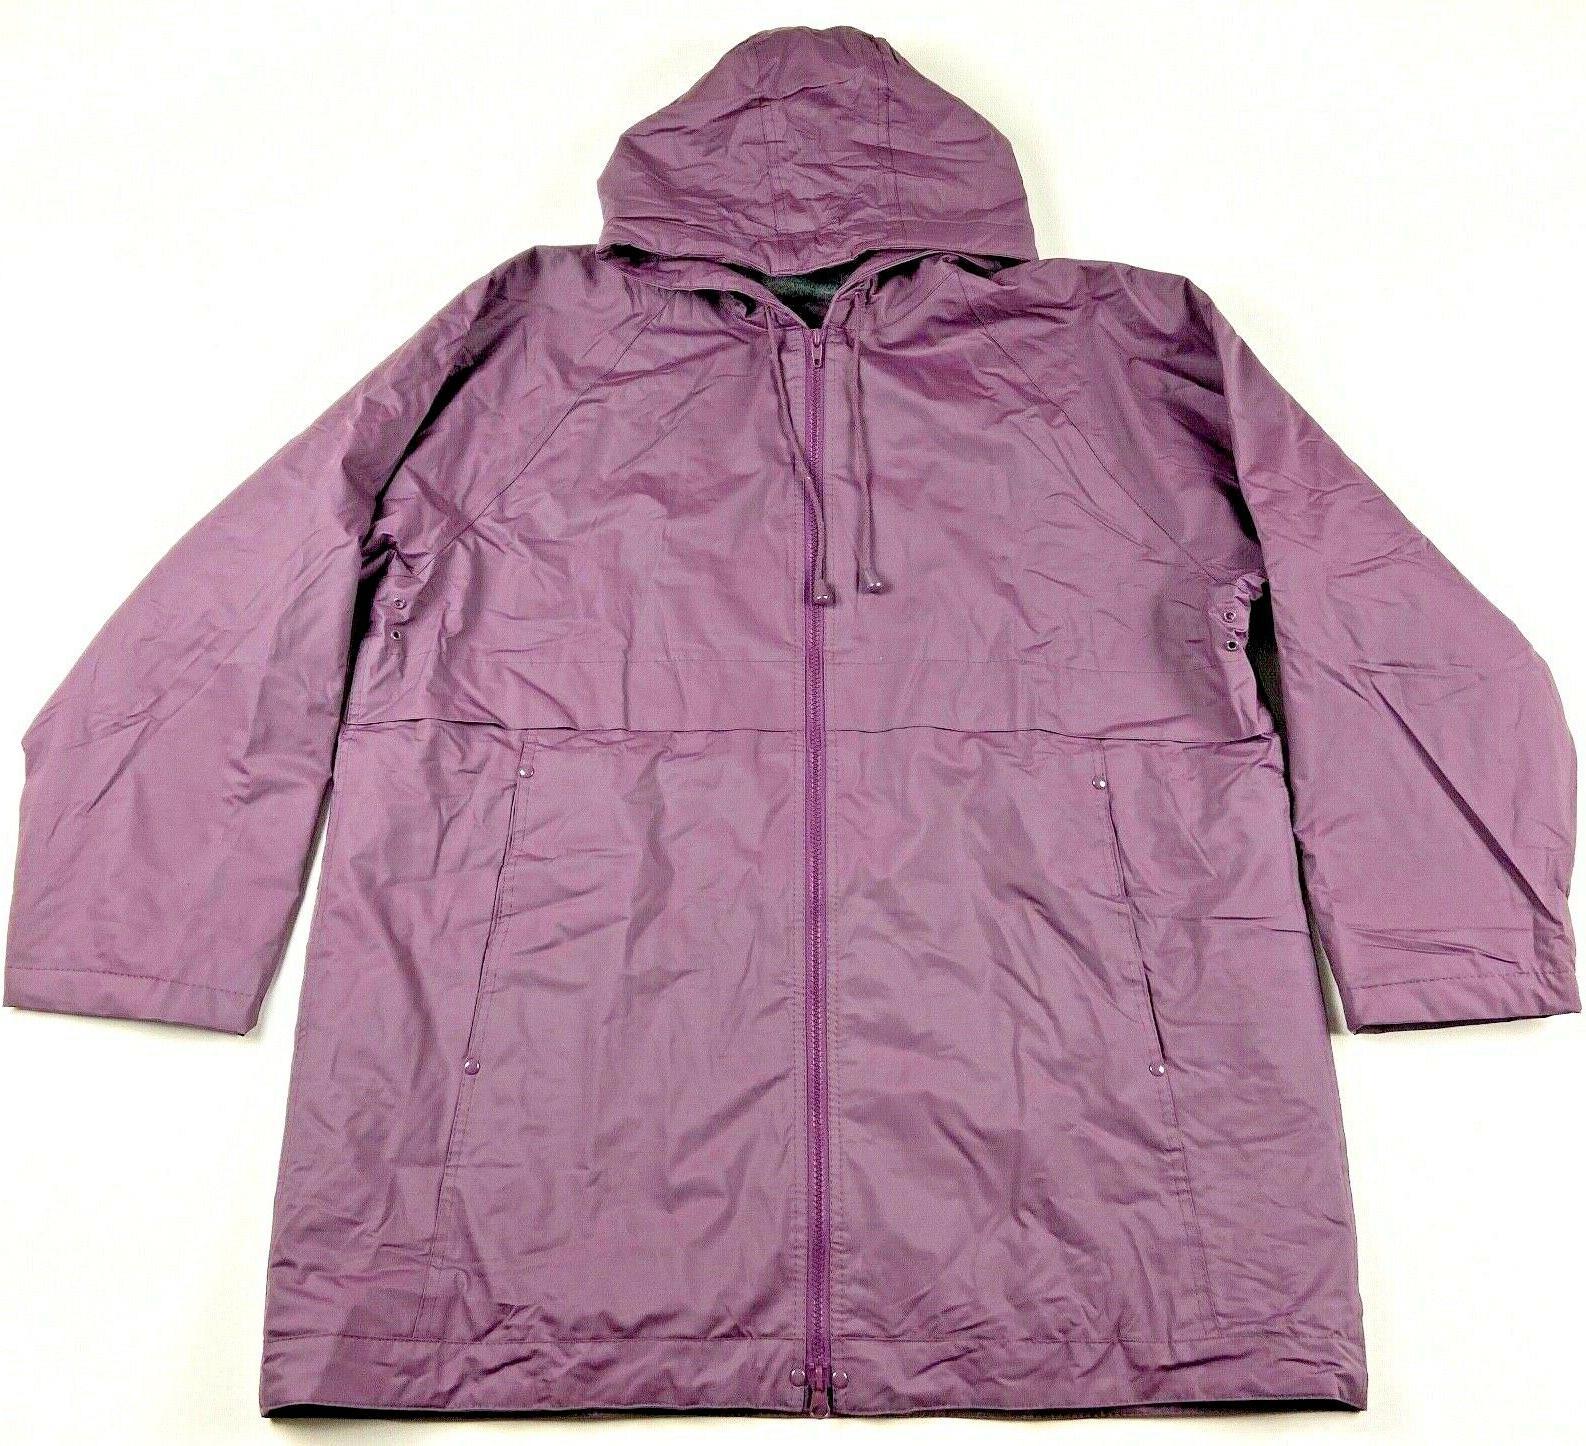 storm rain coat jacket lined color plum